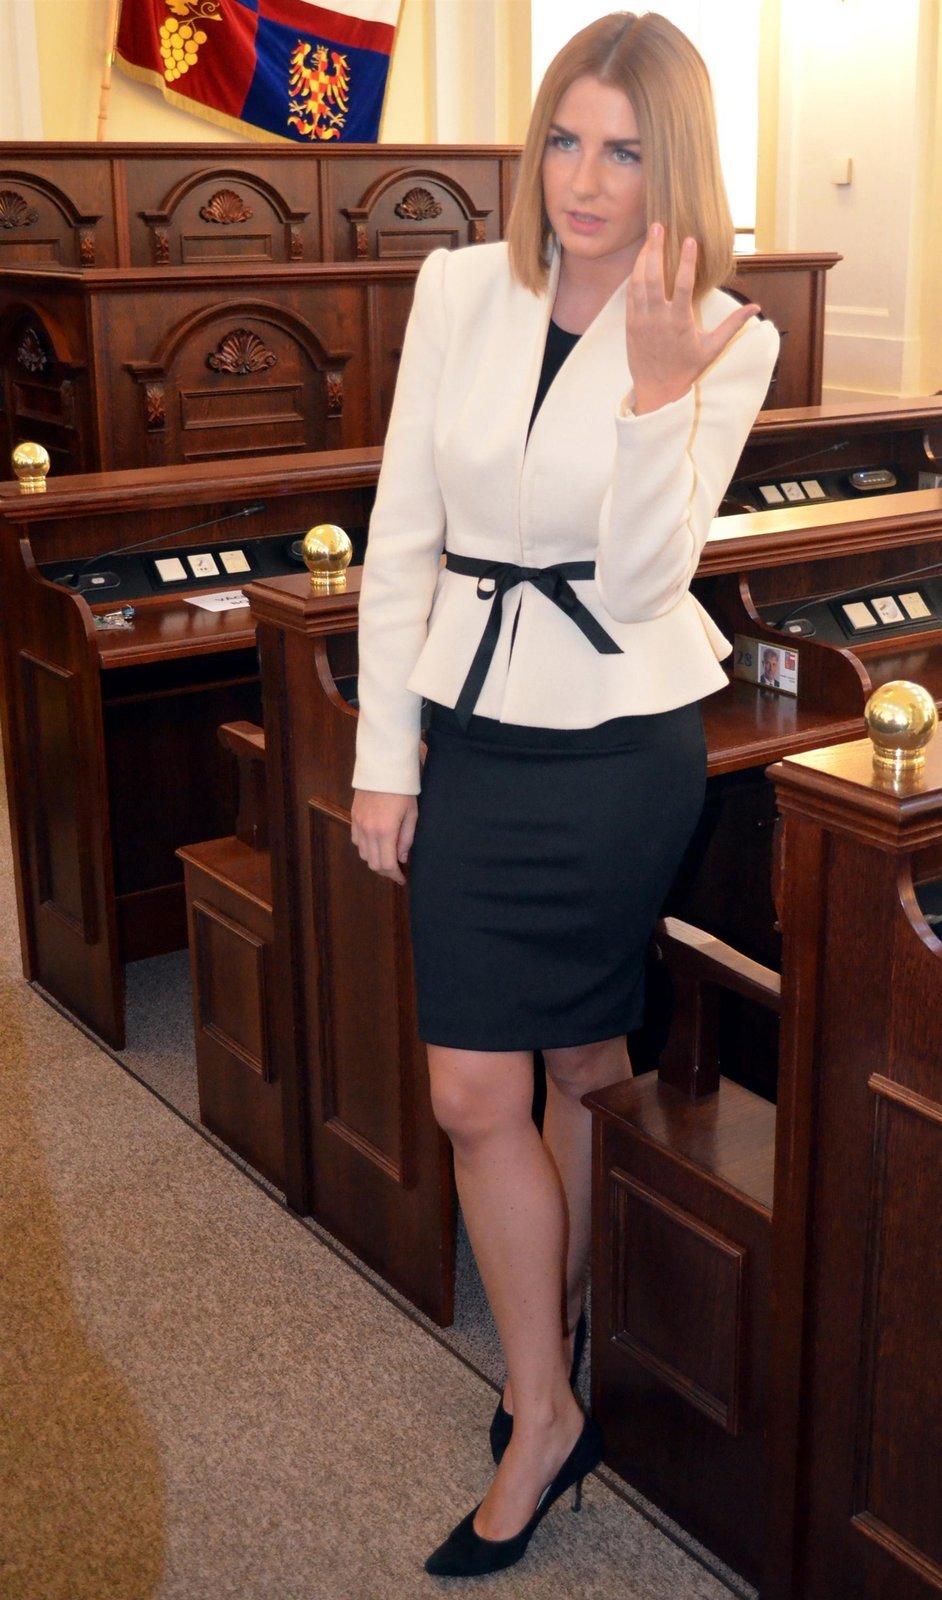 Katka se obléká elegantně, přesto je sexy